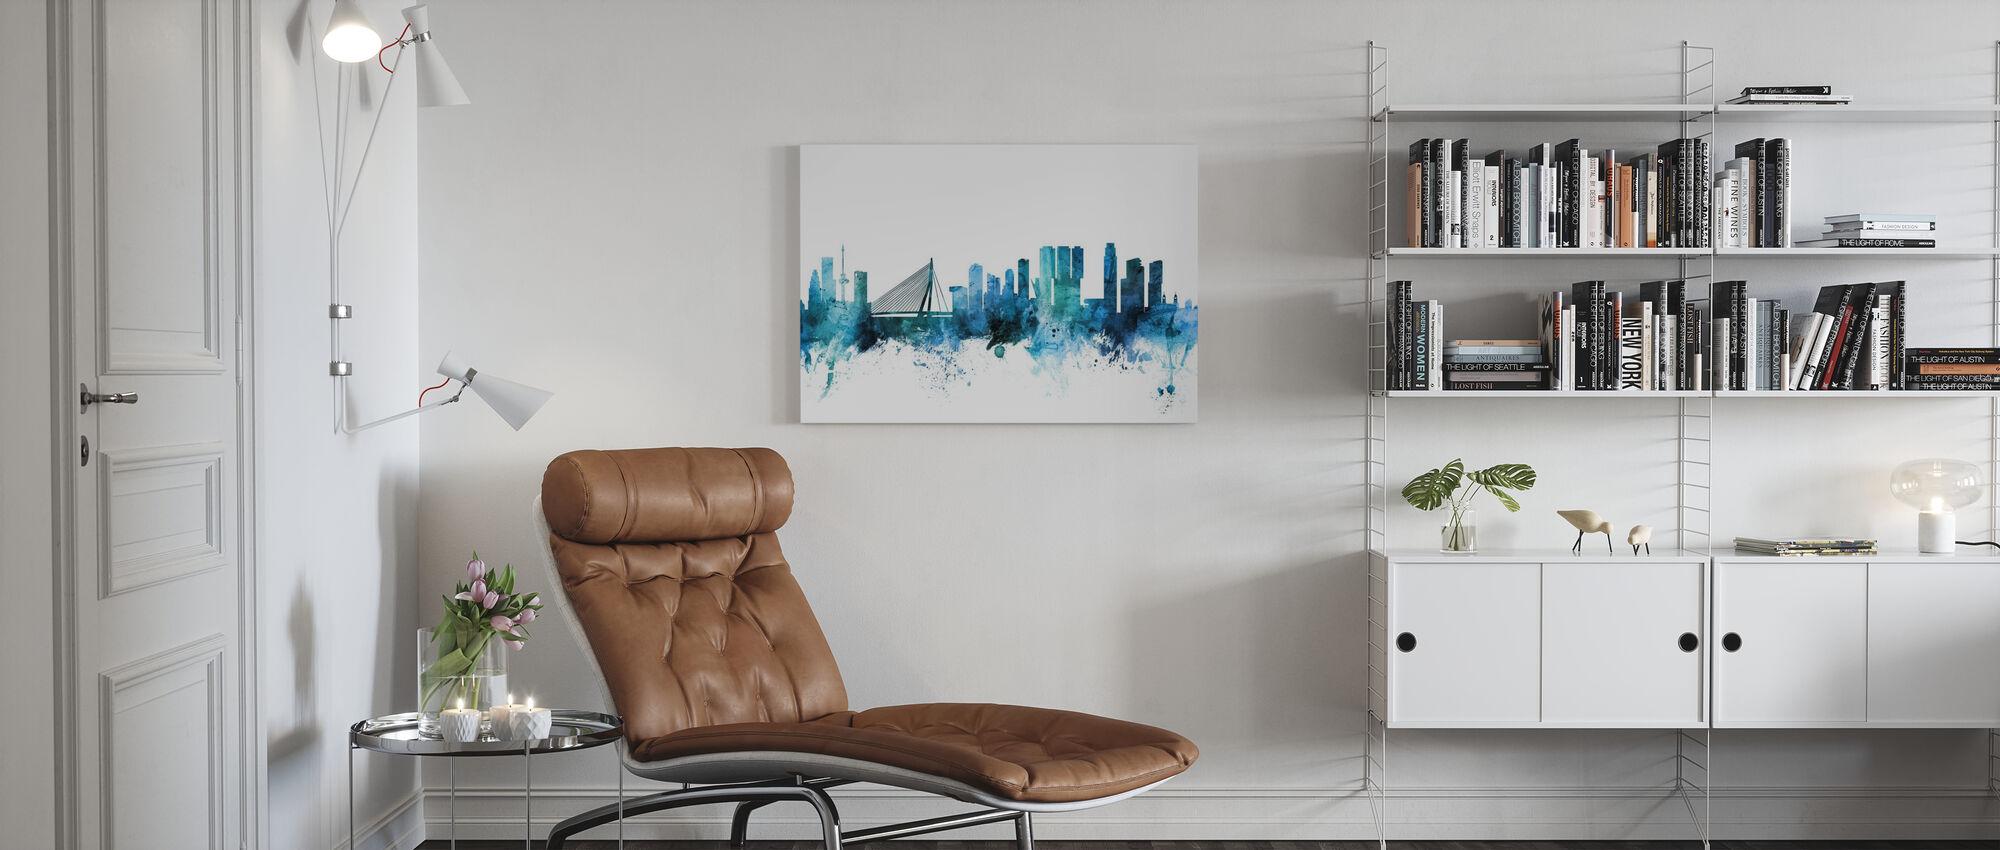 Rotterdam Die Niederlande Skyline - Leinwandbild - Wohnzimmer